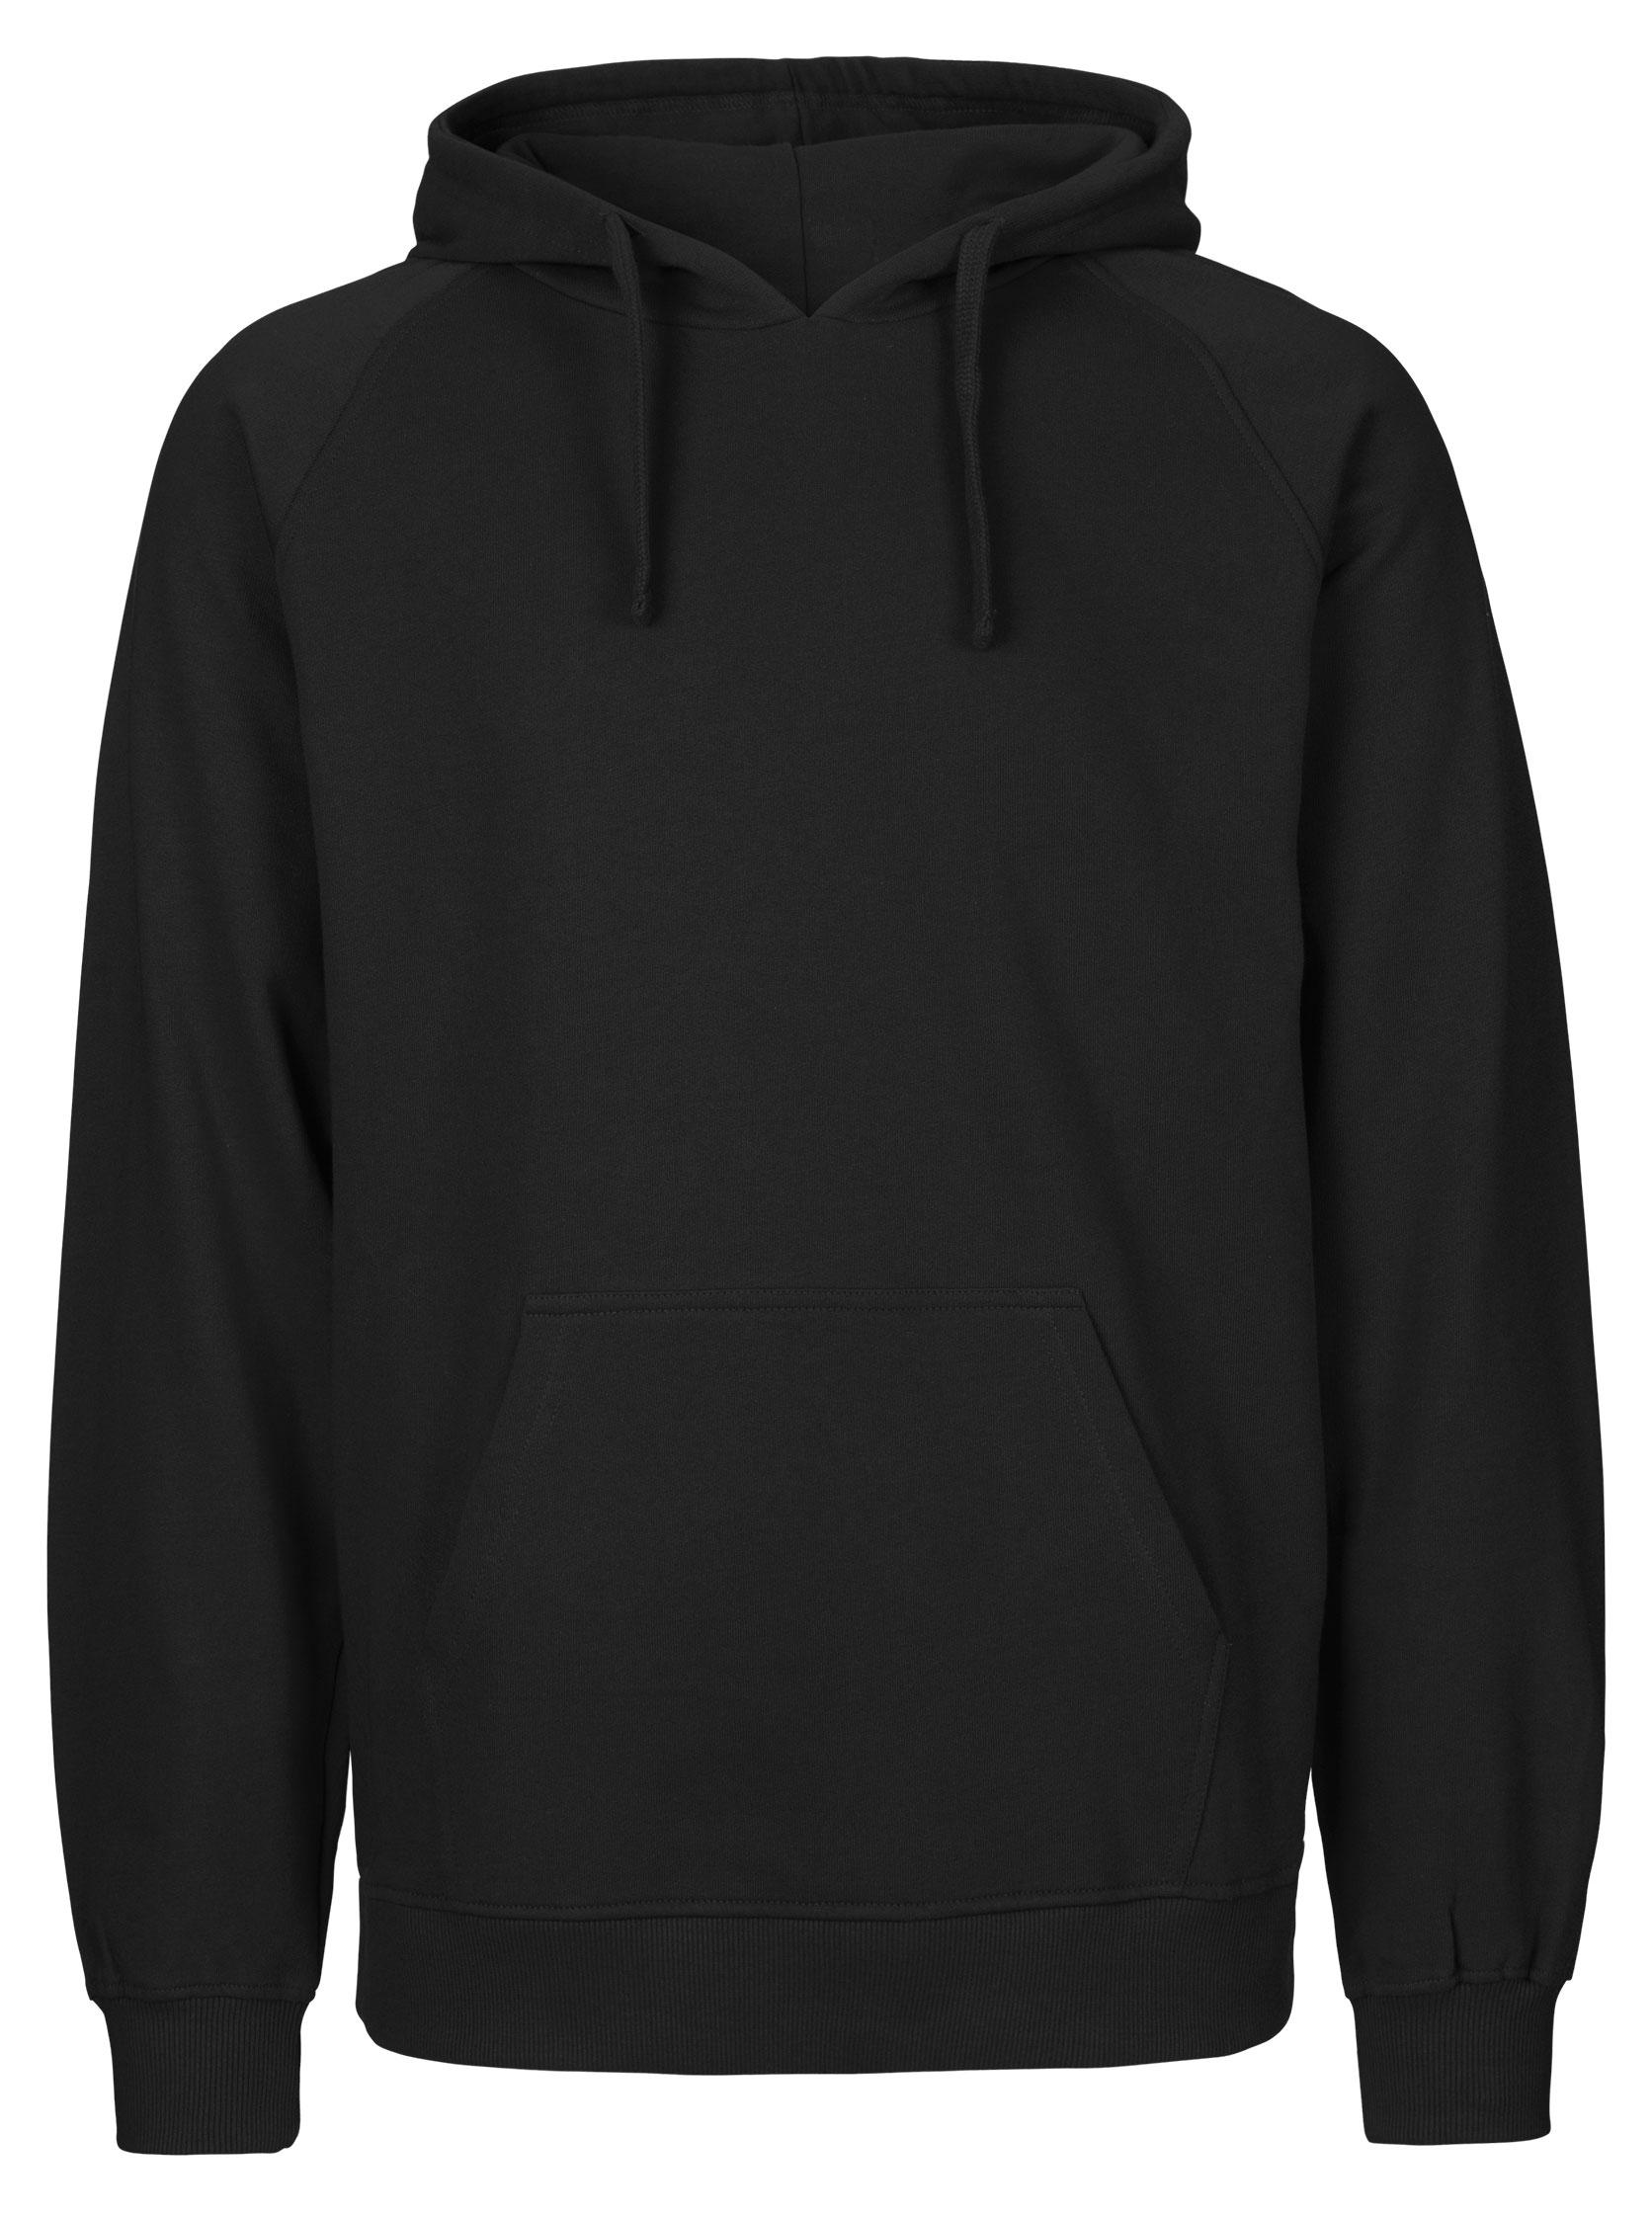 Schwarzen Hoodie mit Neon Aufdruck